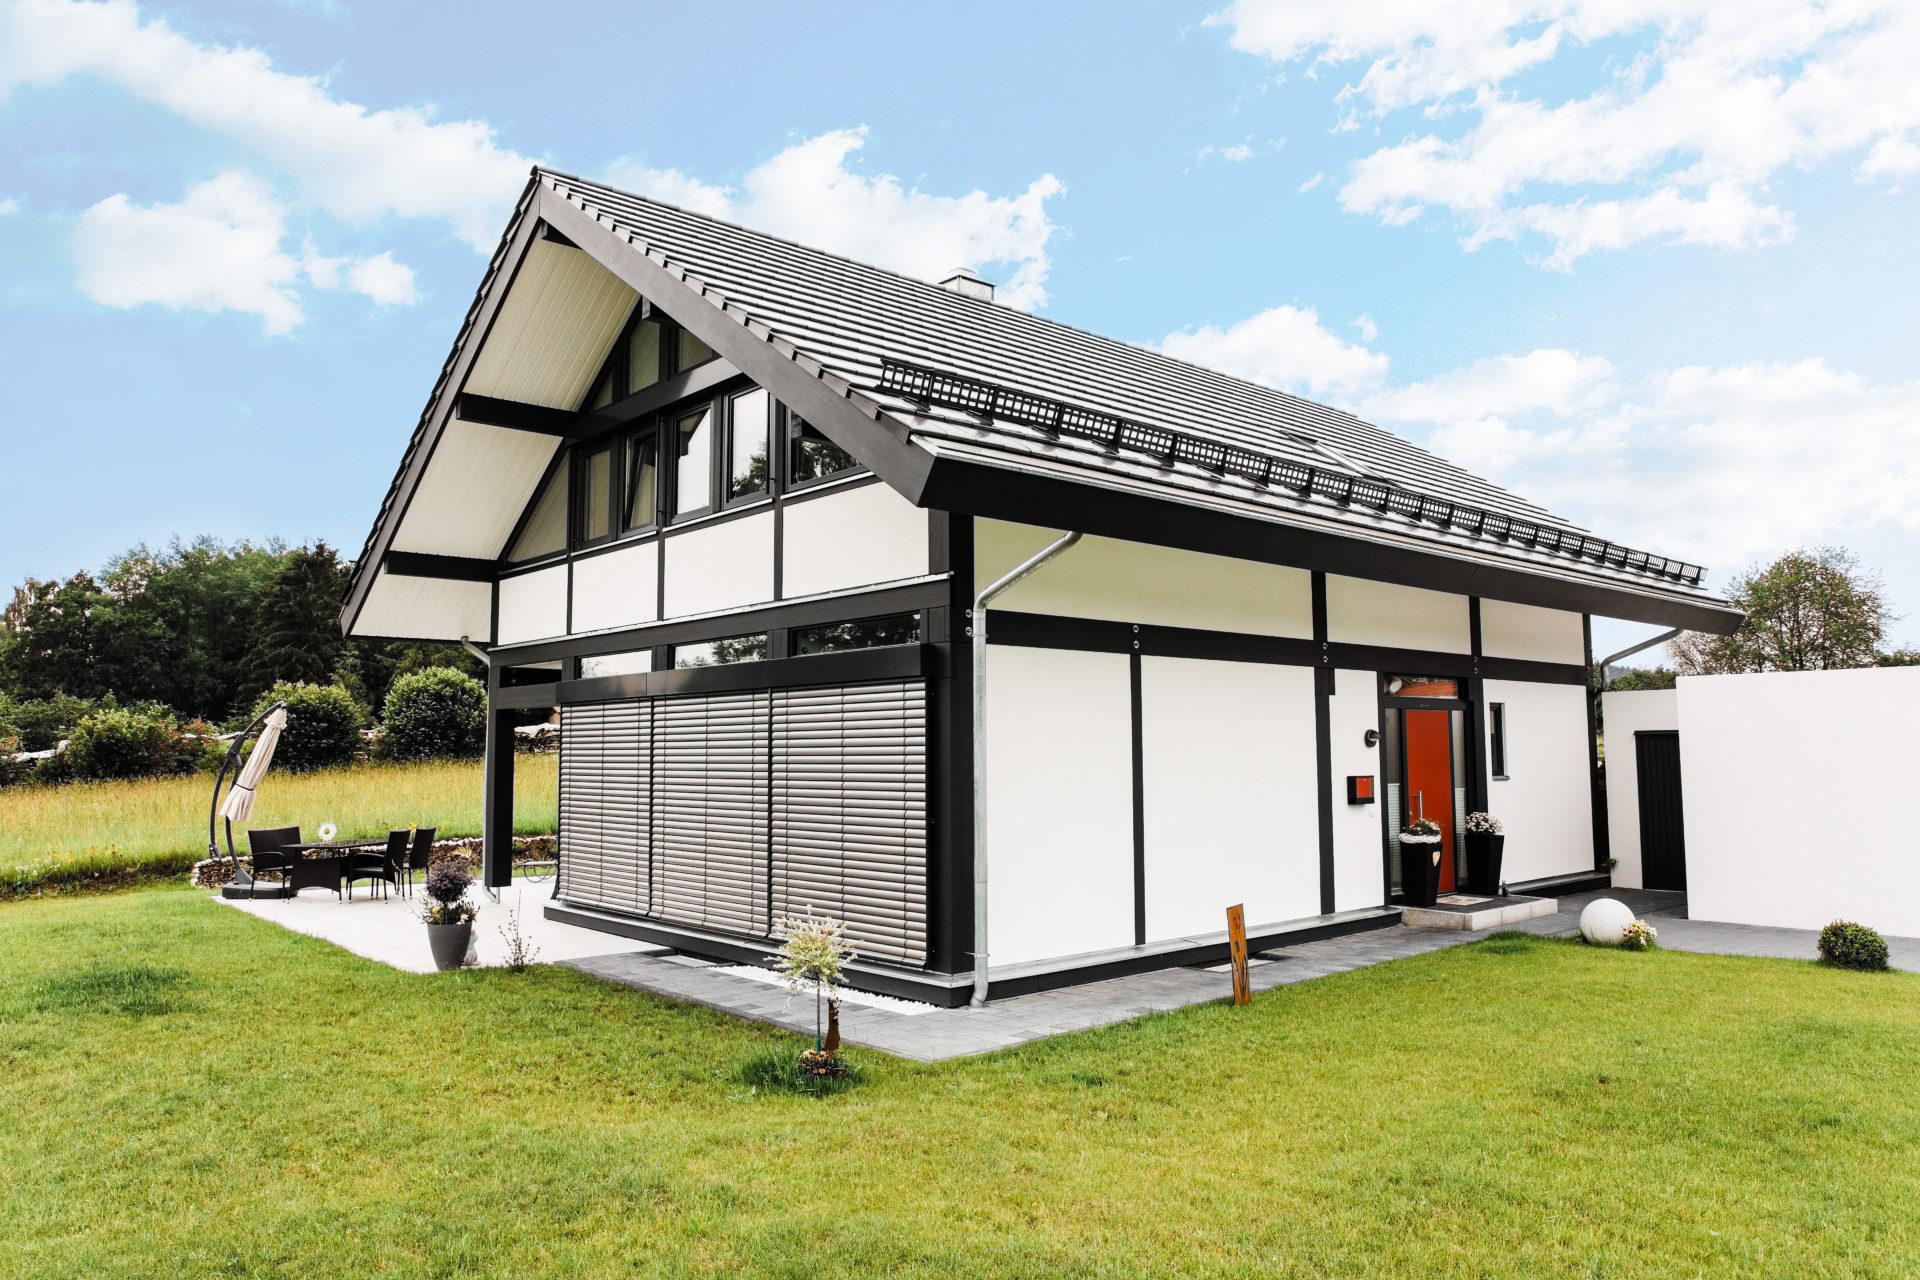 modernes fachwerk im traditionellen holzskelettbau concentus modernes fachwerkhaus. Black Bedroom Furniture Sets. Home Design Ideas